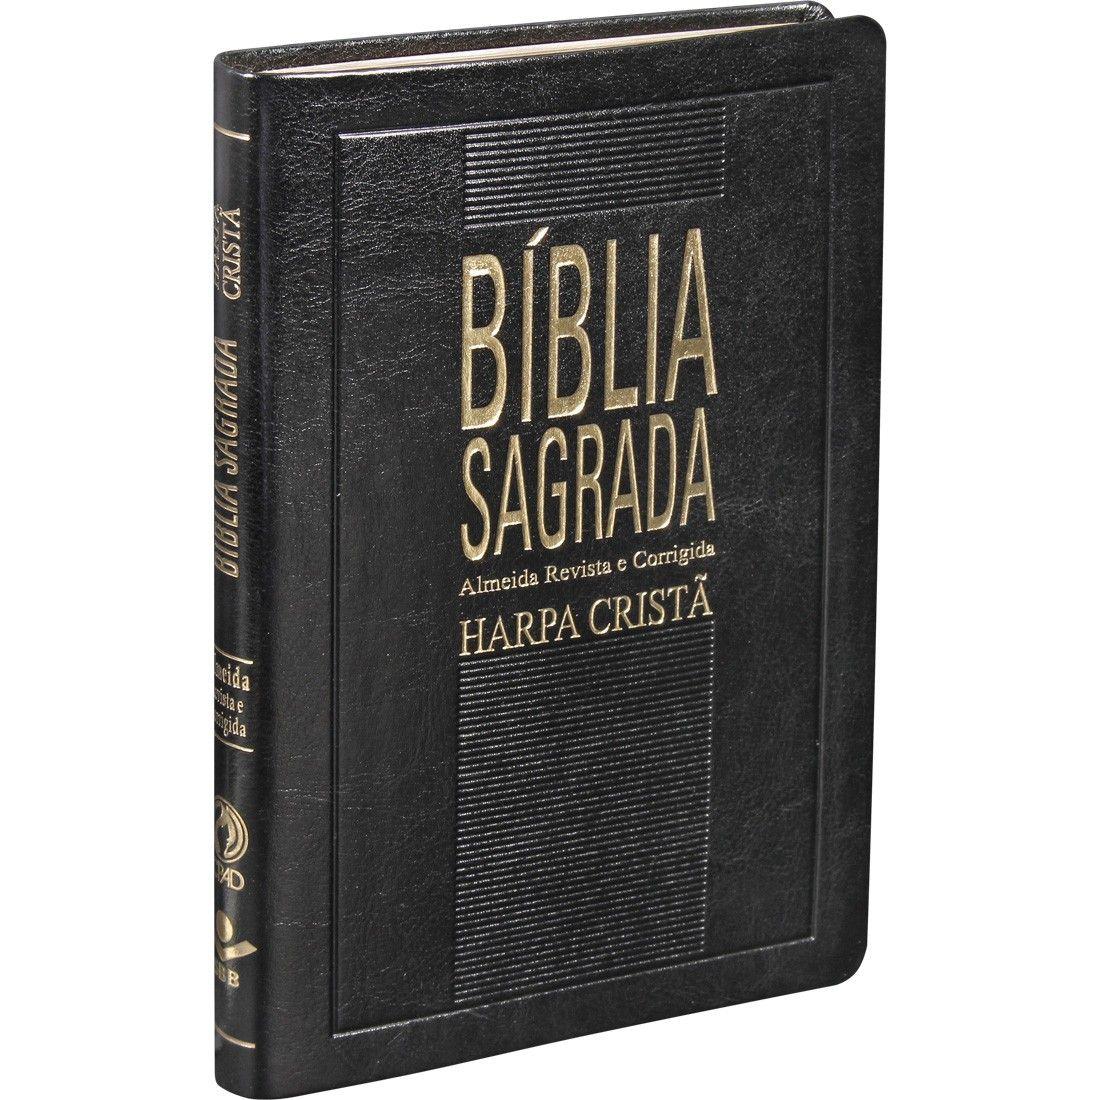 BÍBLIA SAGRADA COM HARPA CRISTÃ SLIM - PRETA